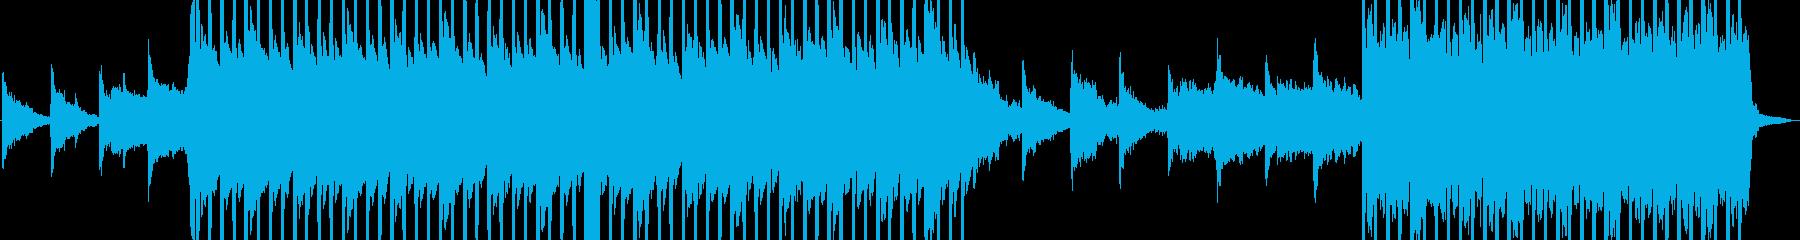 爽やかなでポップなEDMの再生済みの波形